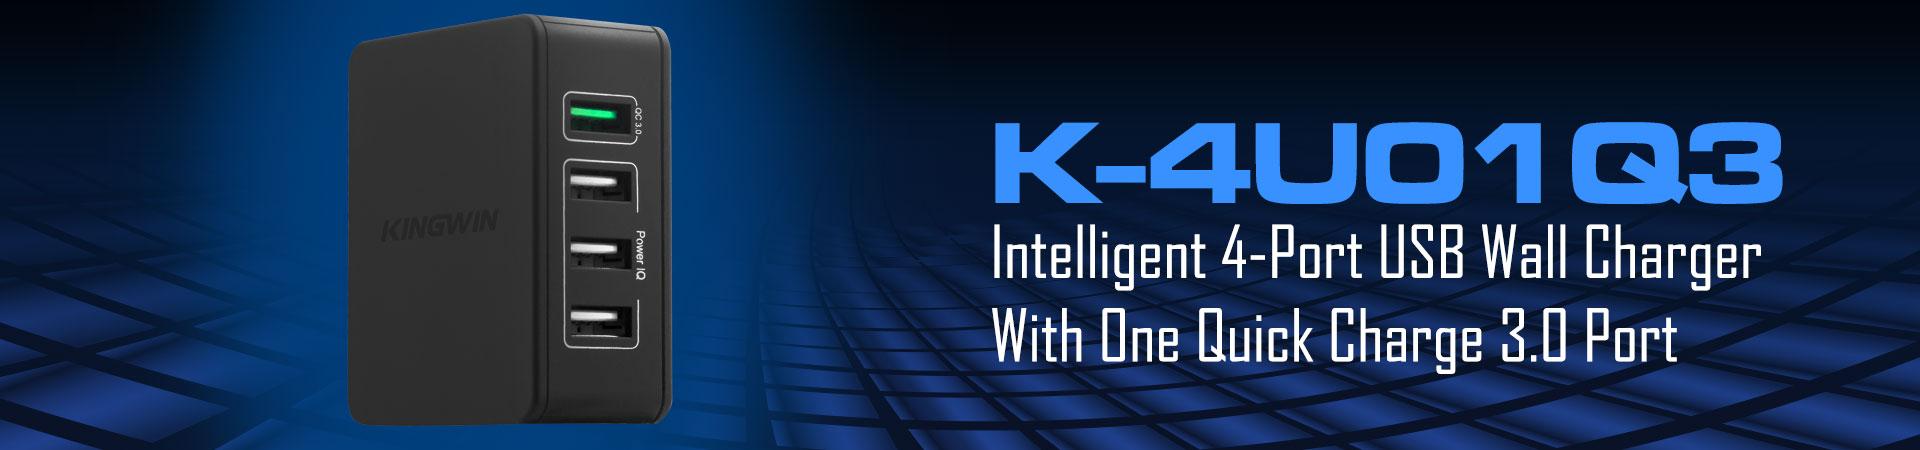 K-4U01Q3_BANNER